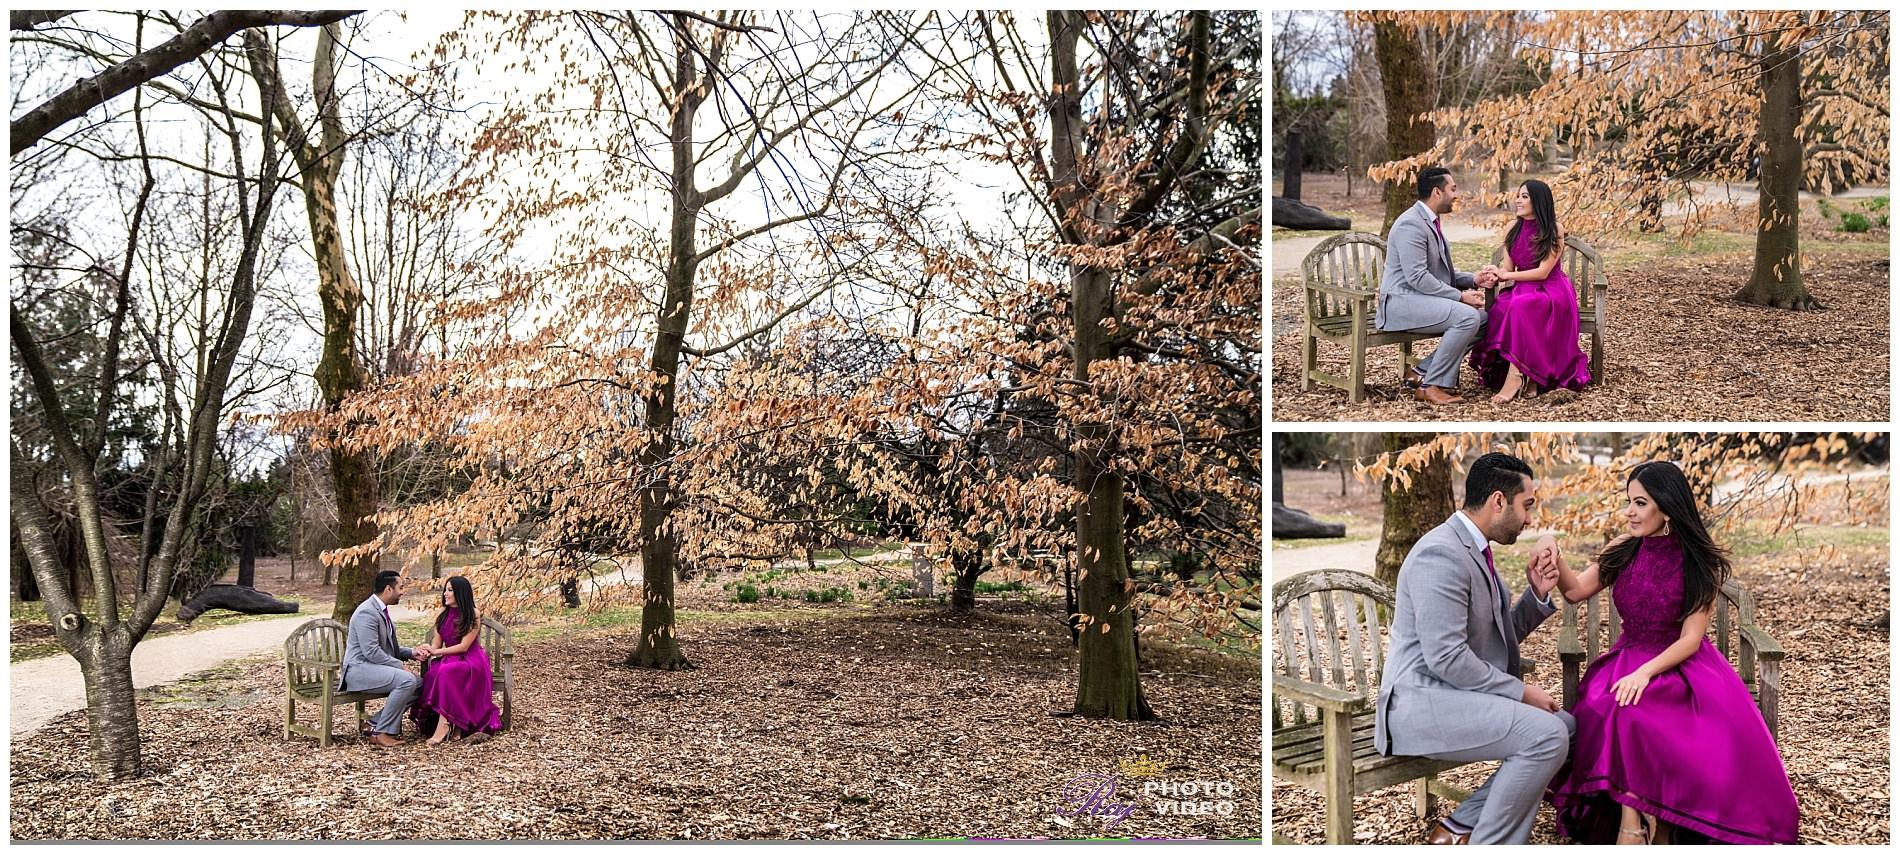 Grounds-for-Sculpture-Hamilton-NJ-Engagement-Shoot-Khushboo-Ruben-00006.jpg